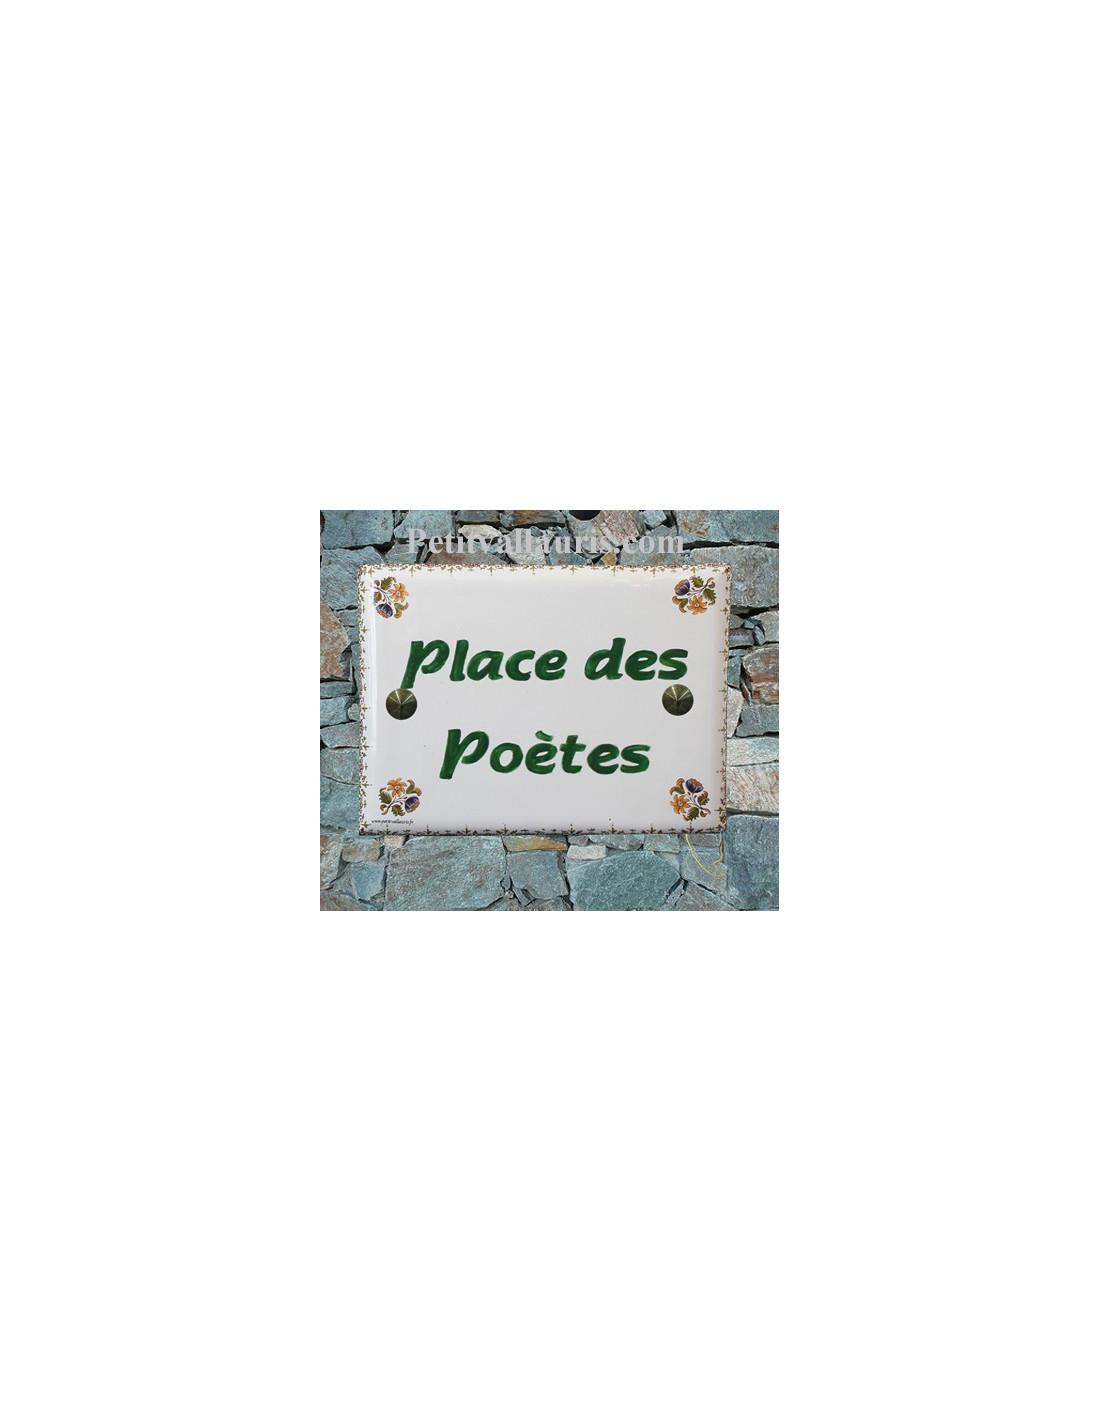 plaque de maison c ramique d cor fleurs polychromes inscription horizontale vertes le petit. Black Bedroom Furniture Sets. Home Design Ideas